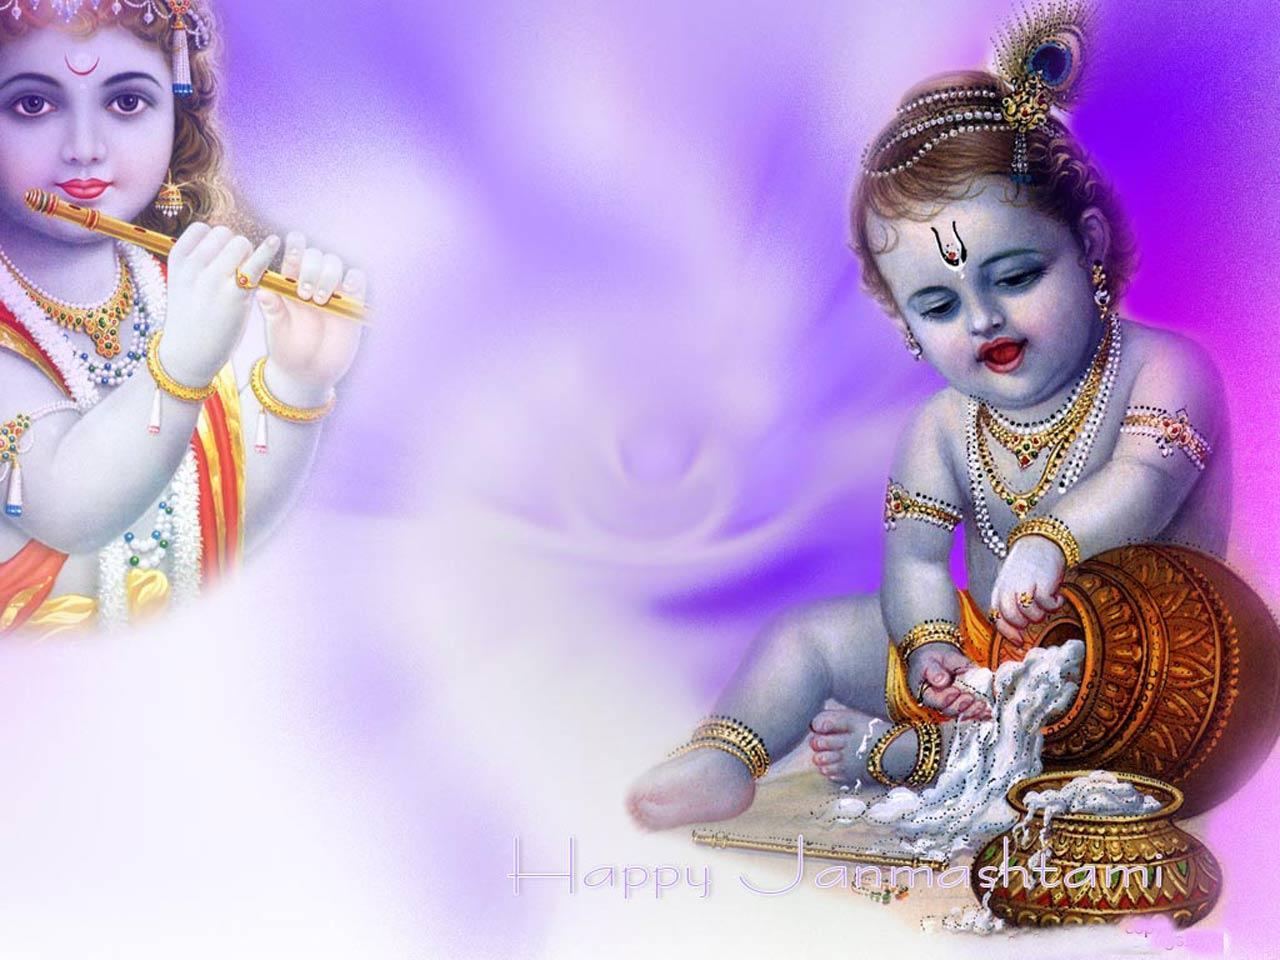 Radha Krishna Ji Taglist Page 1 - Bal krishna 2